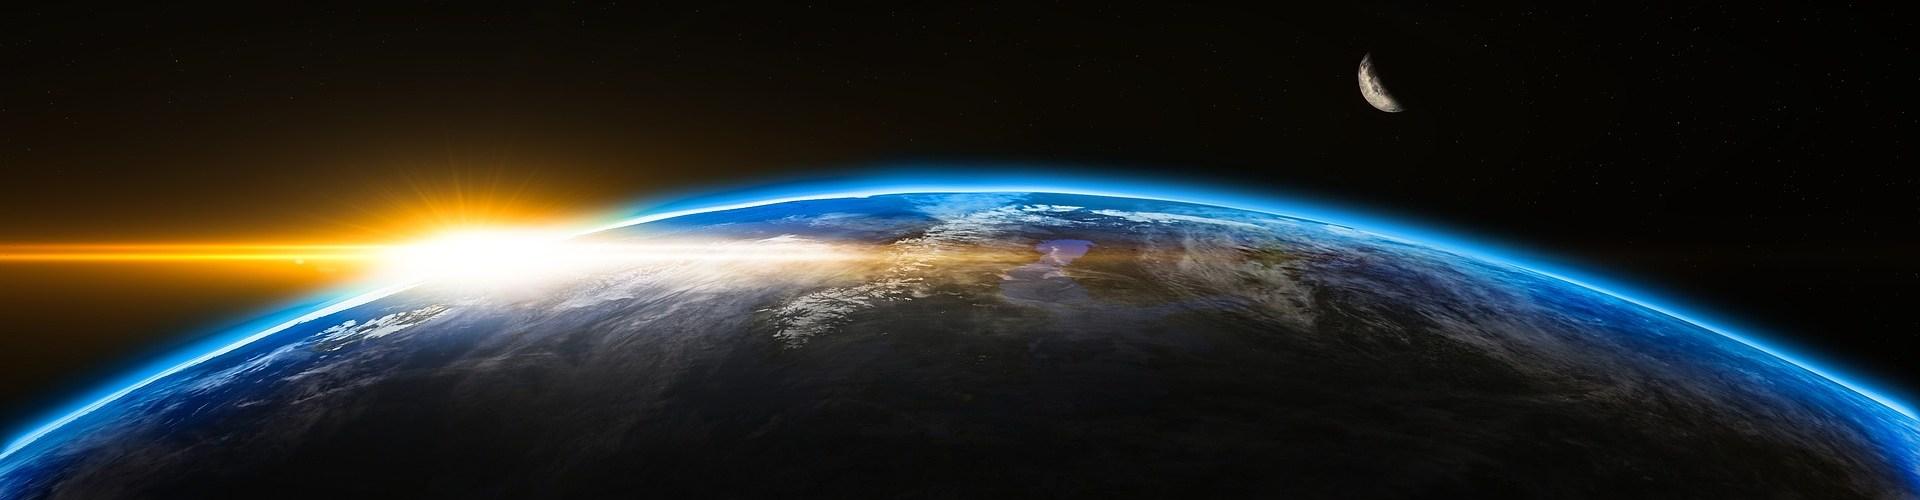 Entendiendo los solsticios y los equinoccios